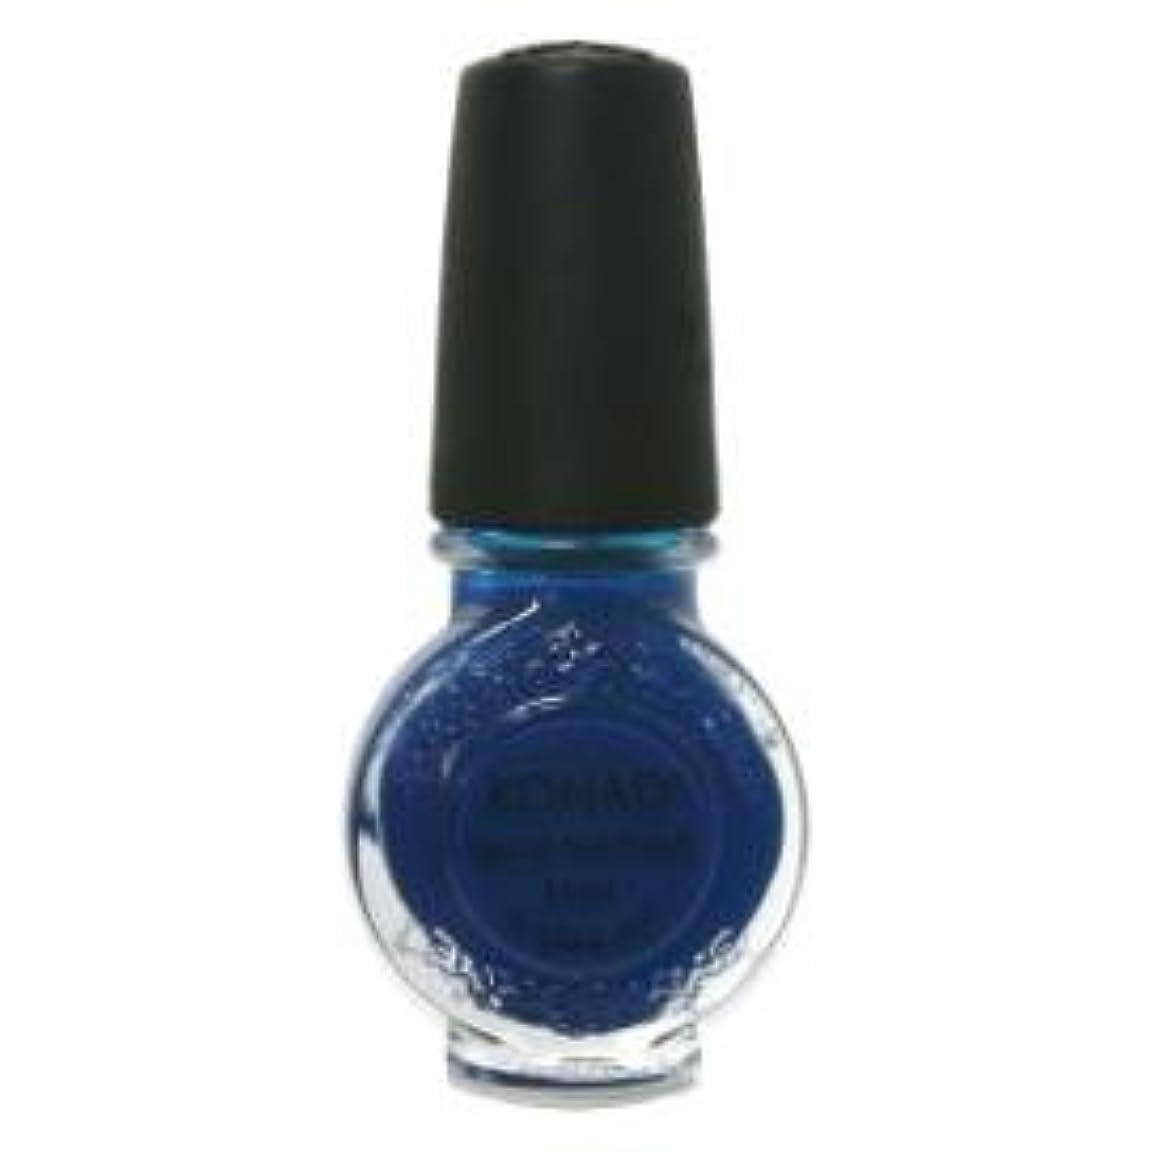 遠近法意志に反する実行可能お急ぎ KONAD コナド スタンピングネイルアート 専用ポリッシュ s22 ブルー(11ml)